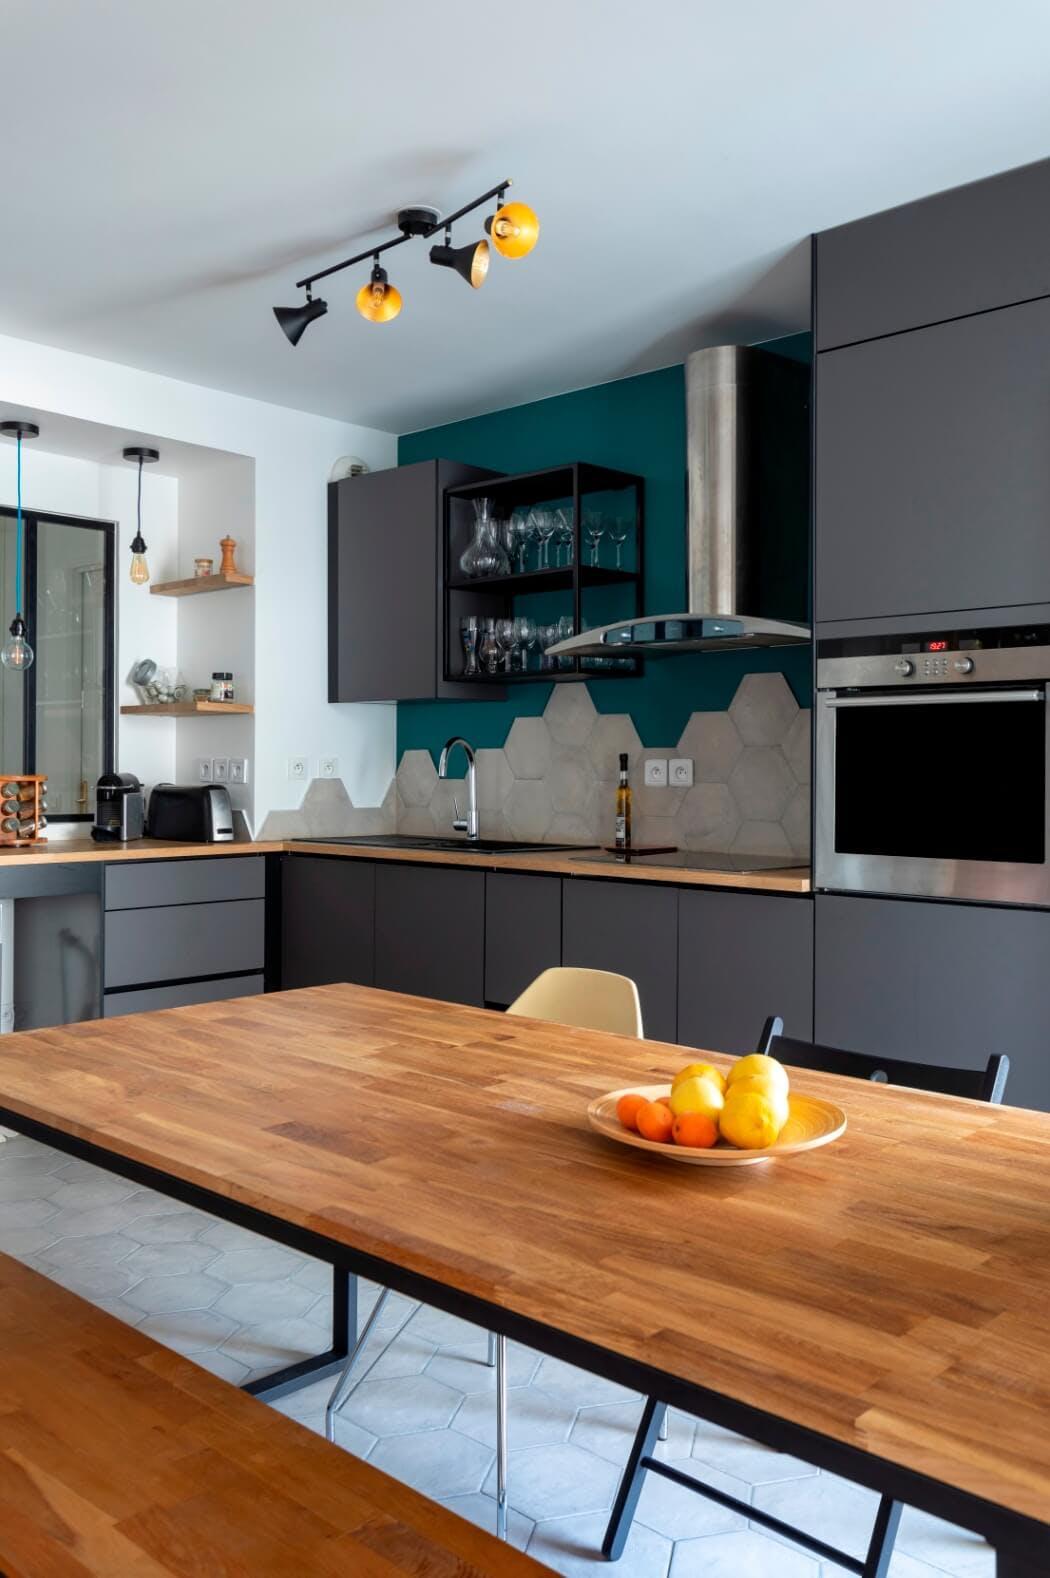 Cuisine rénovée dans un style moderne associant le bois et le gris